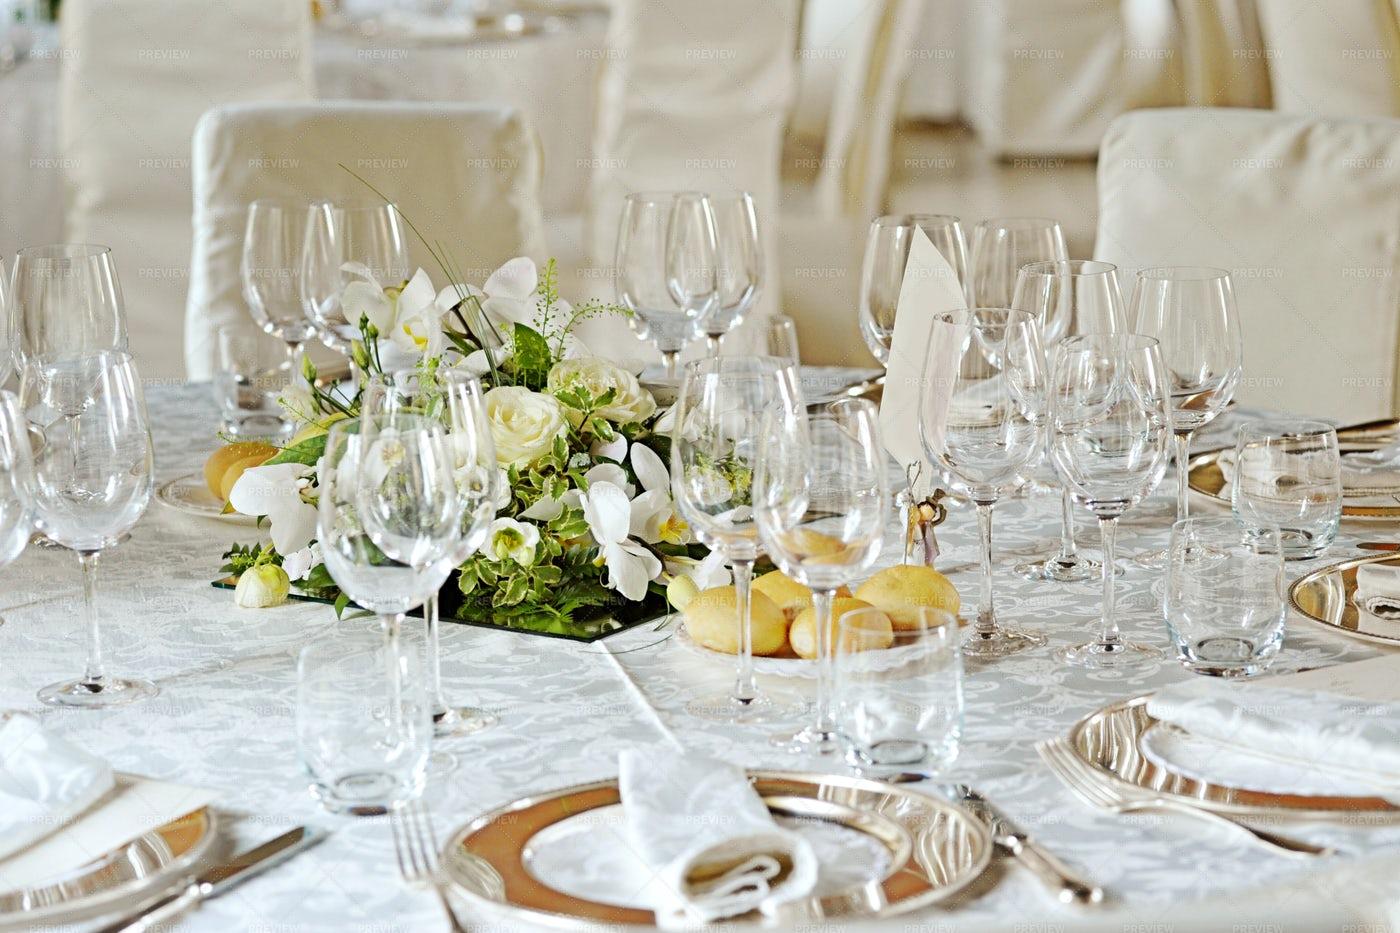 Table Set For A Wedding: Stock Photos